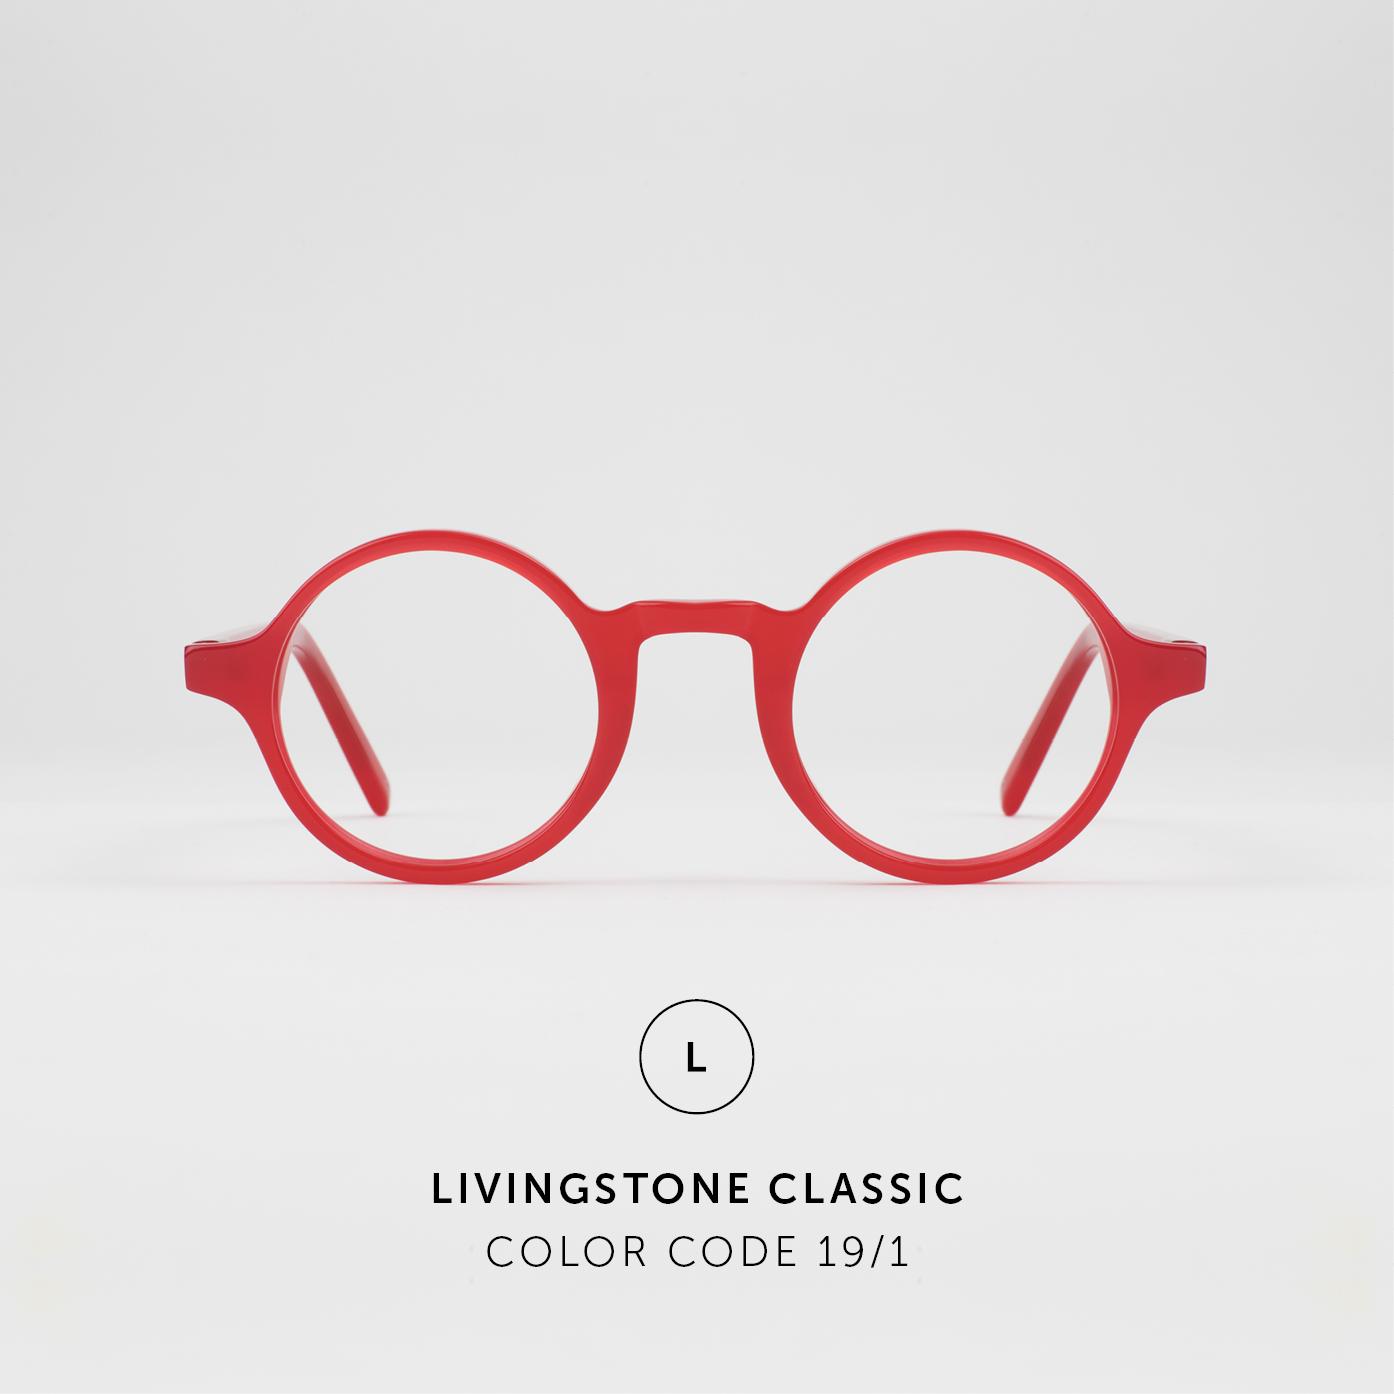 LivingstoneClassic57.jpg